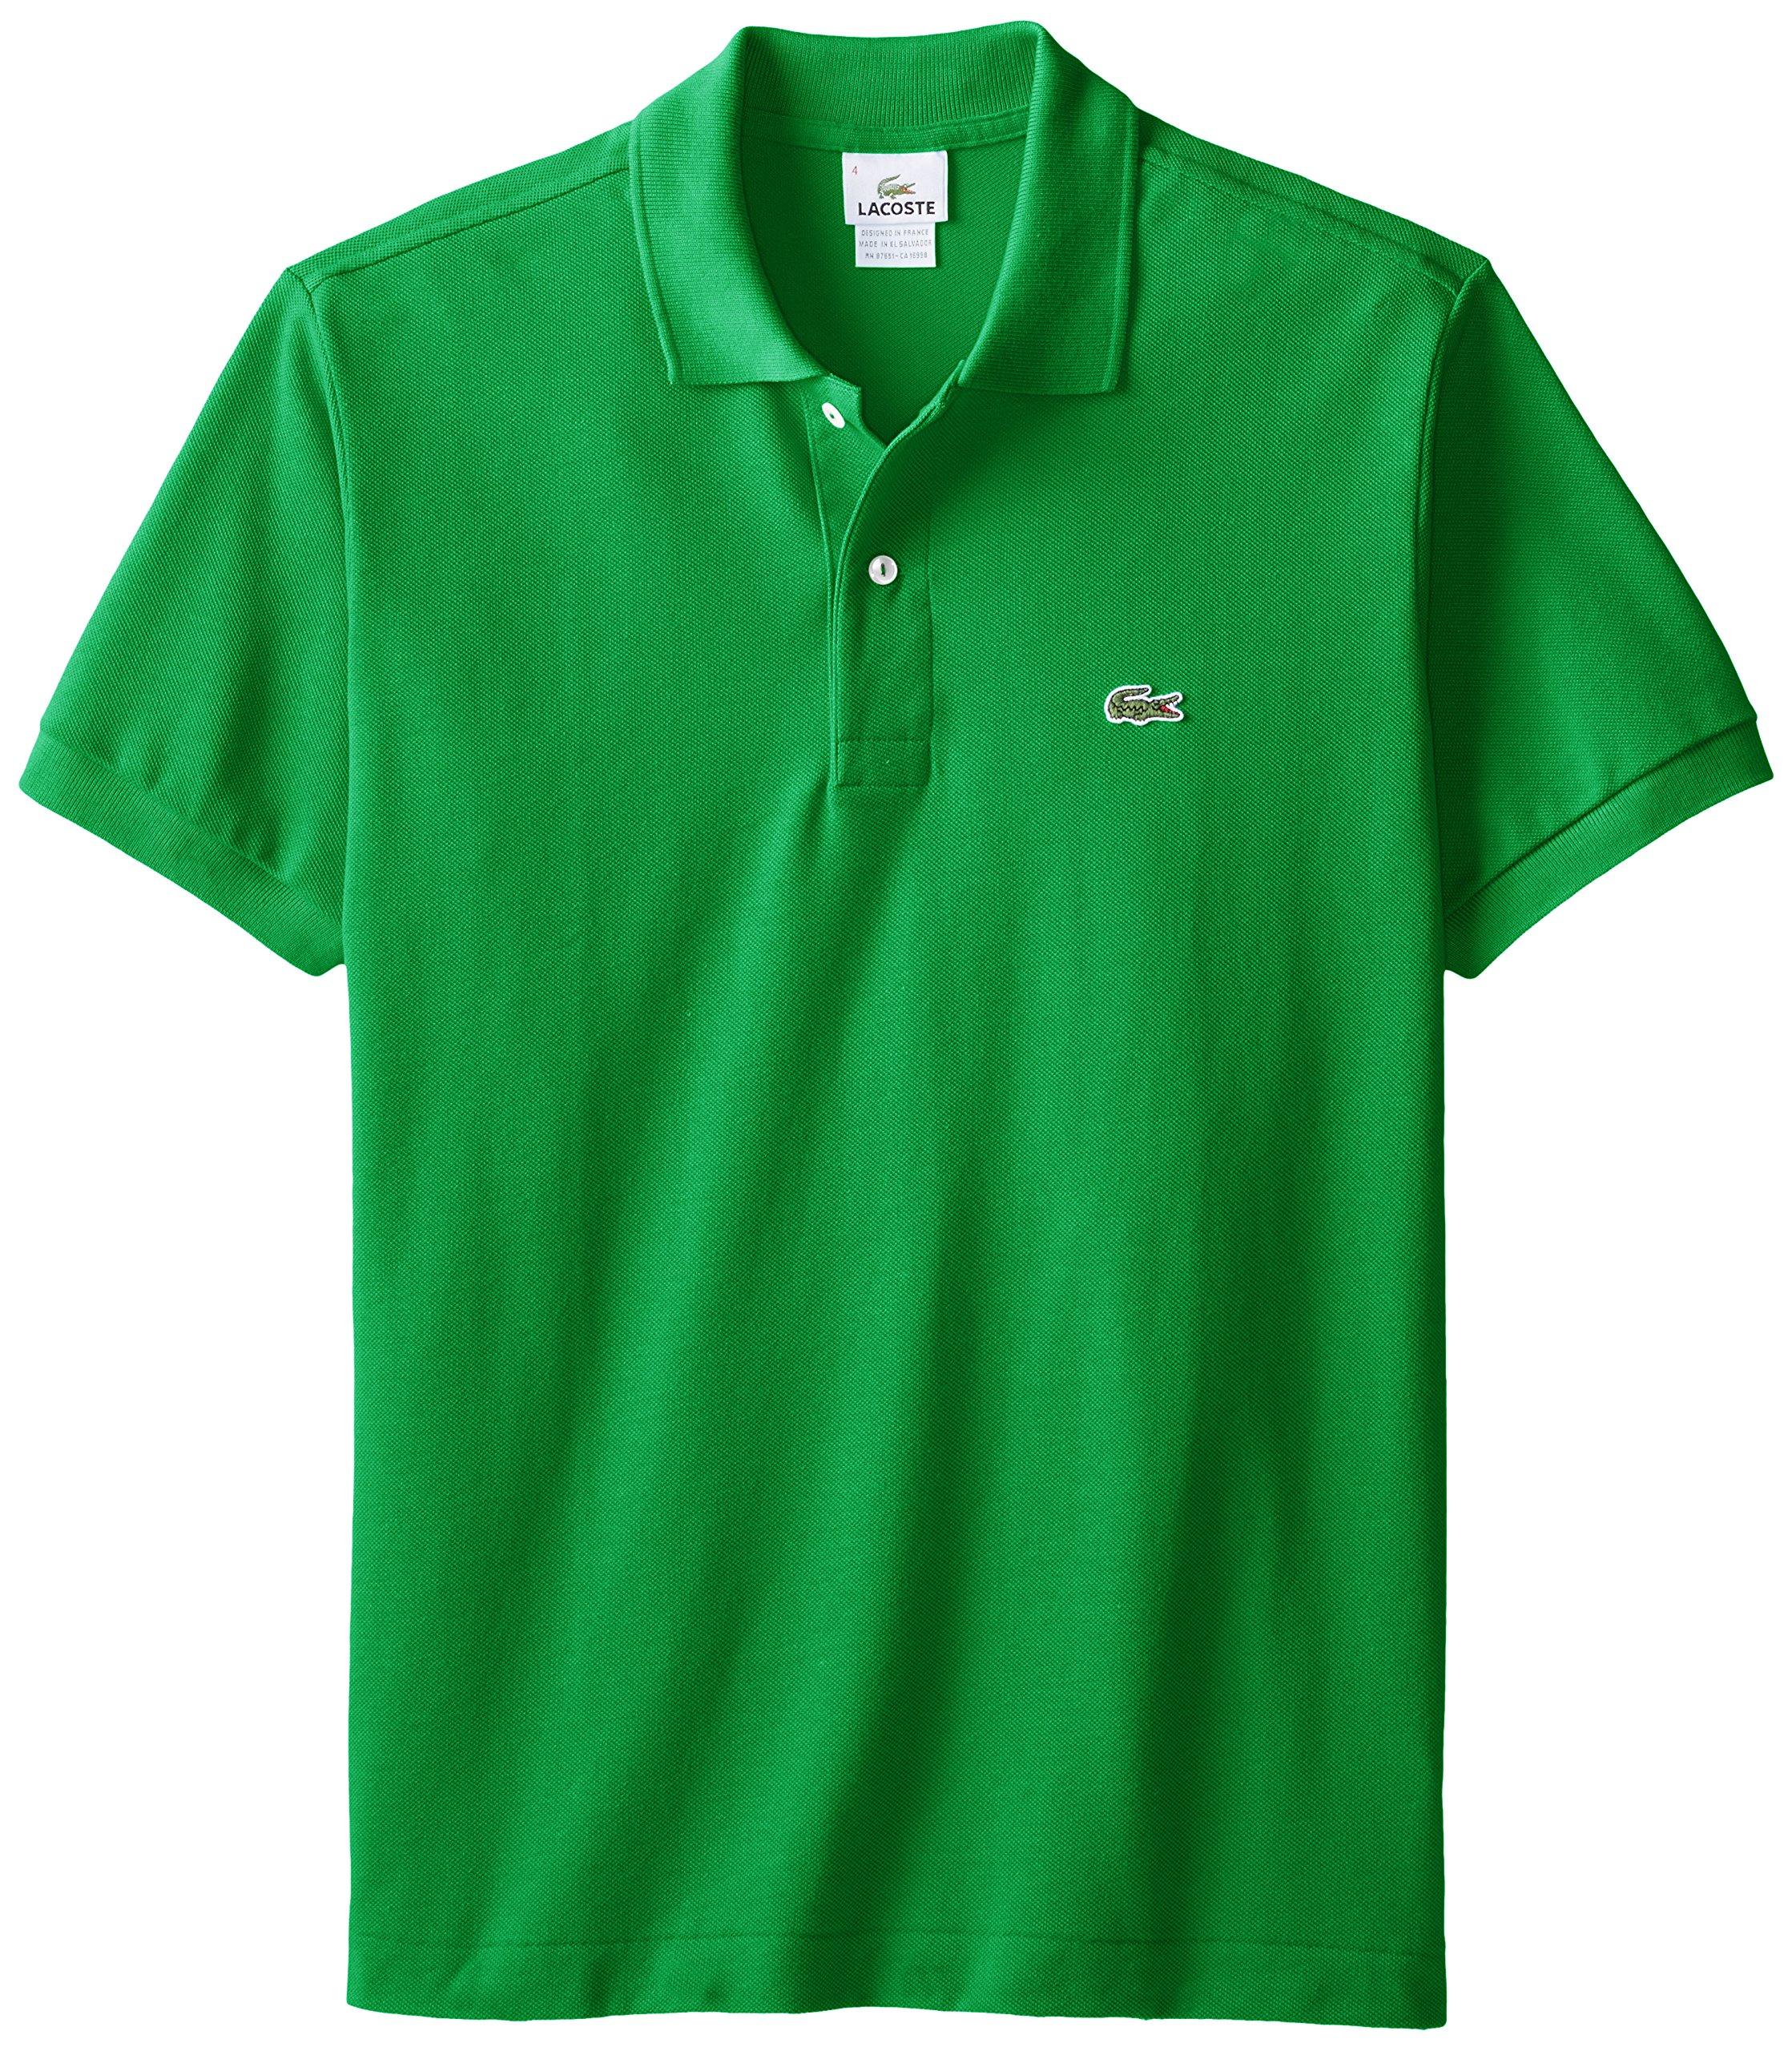 5cb5da748 Galleon - Lacoste Men s Short Sleeve Pique L.12.12 Classic Fit Polo Shirt